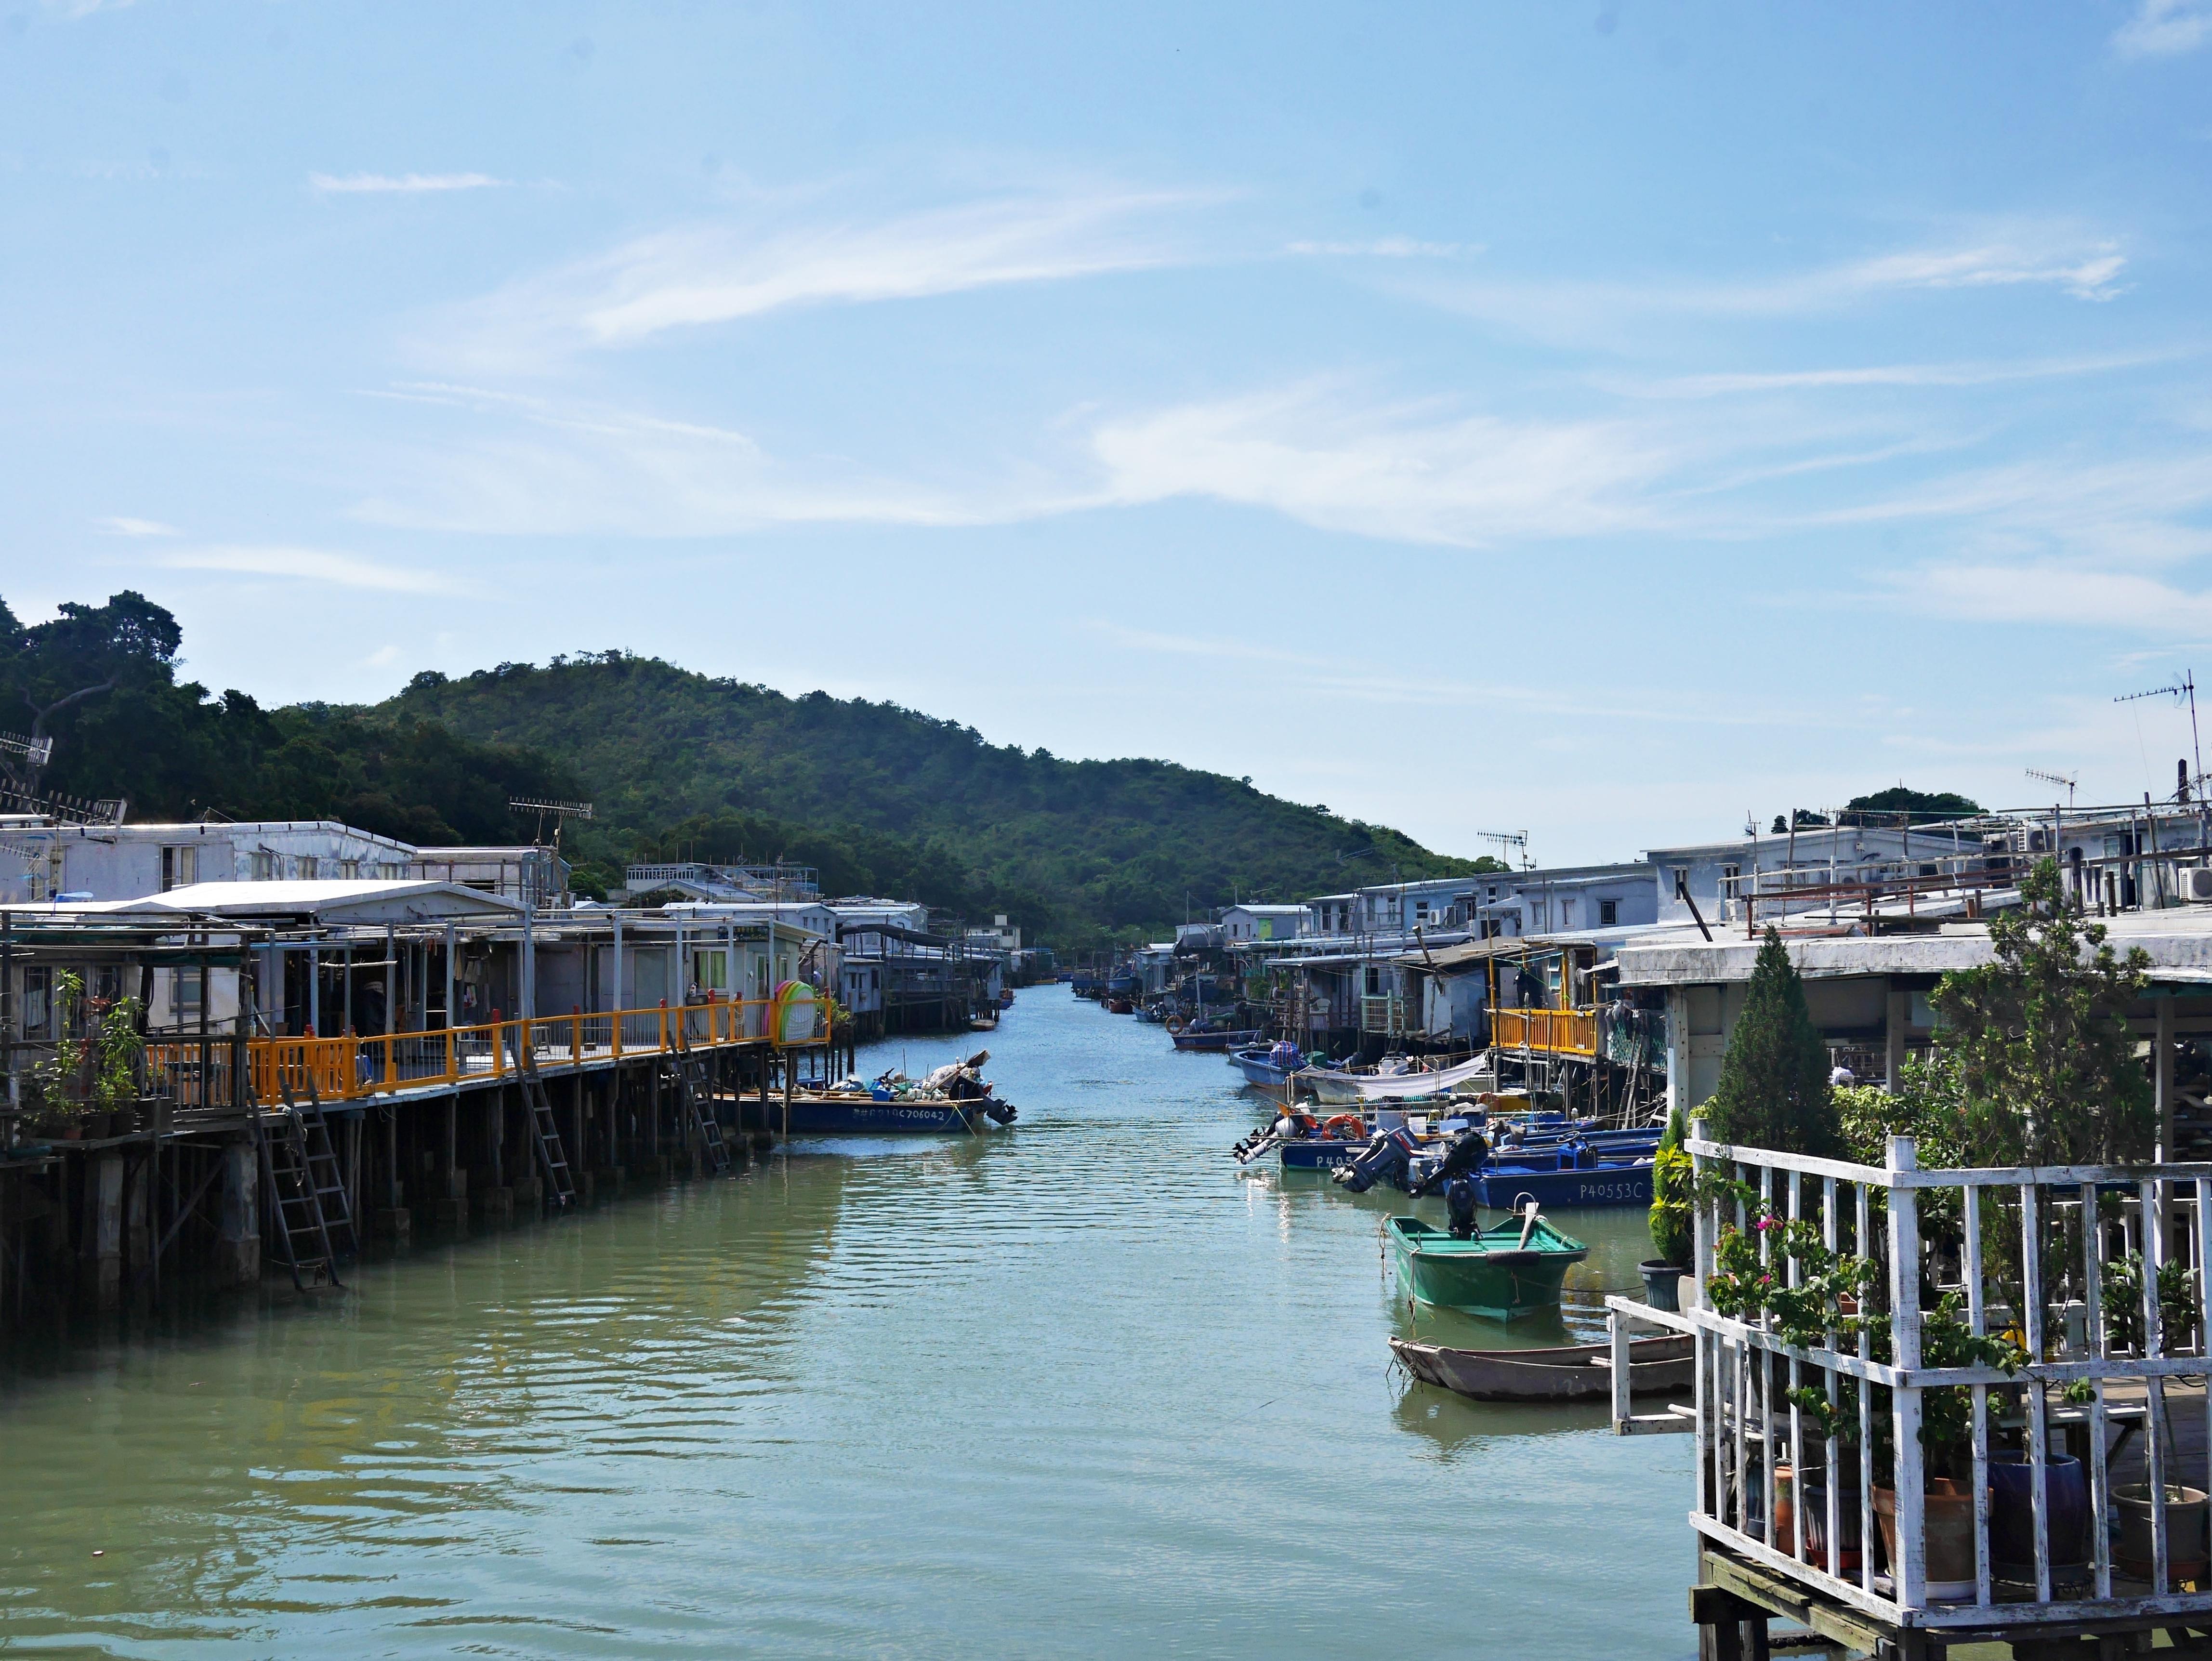 香港景點:大澳漁村懷舊之旅,特別的棚屋景觀,超適合網美照的景點(附影片)